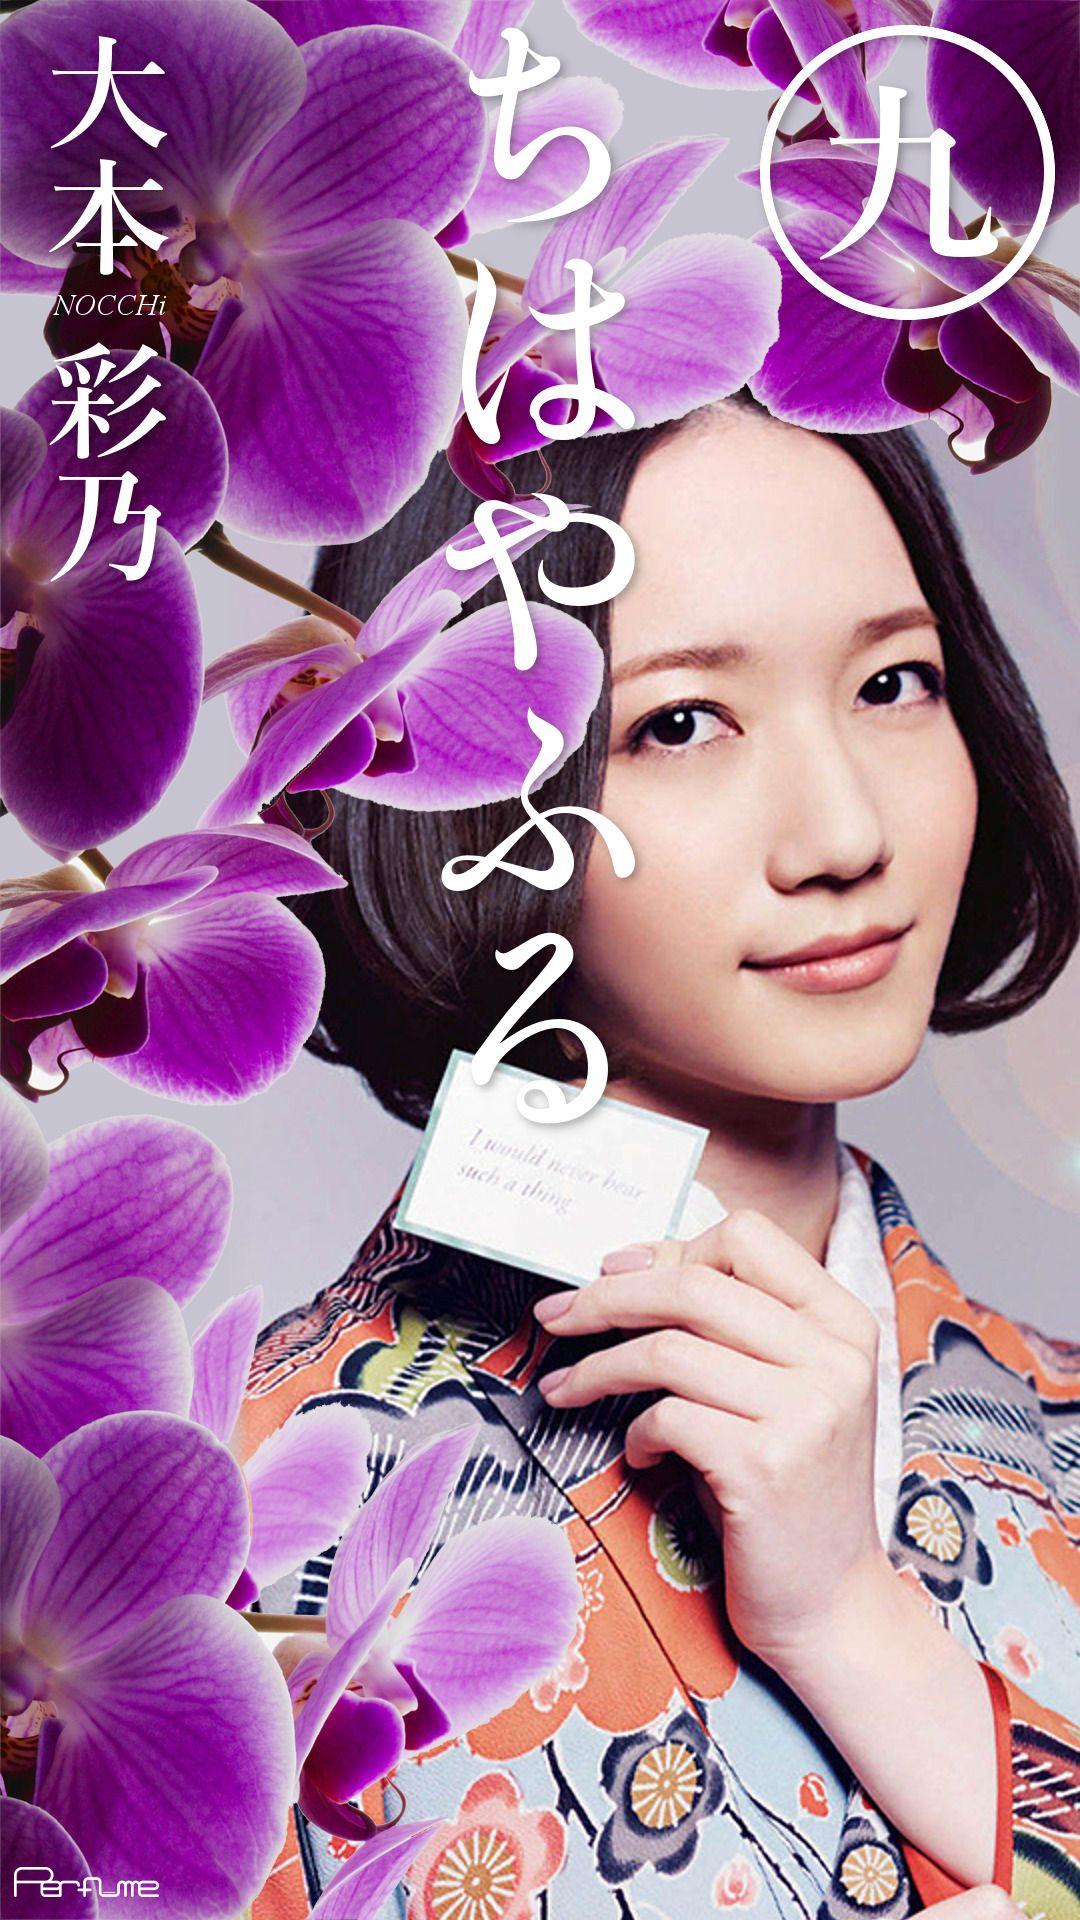 Sazae3 Perfume ちはやふる 画像あり Perfume のっち フレグランス パヒューム